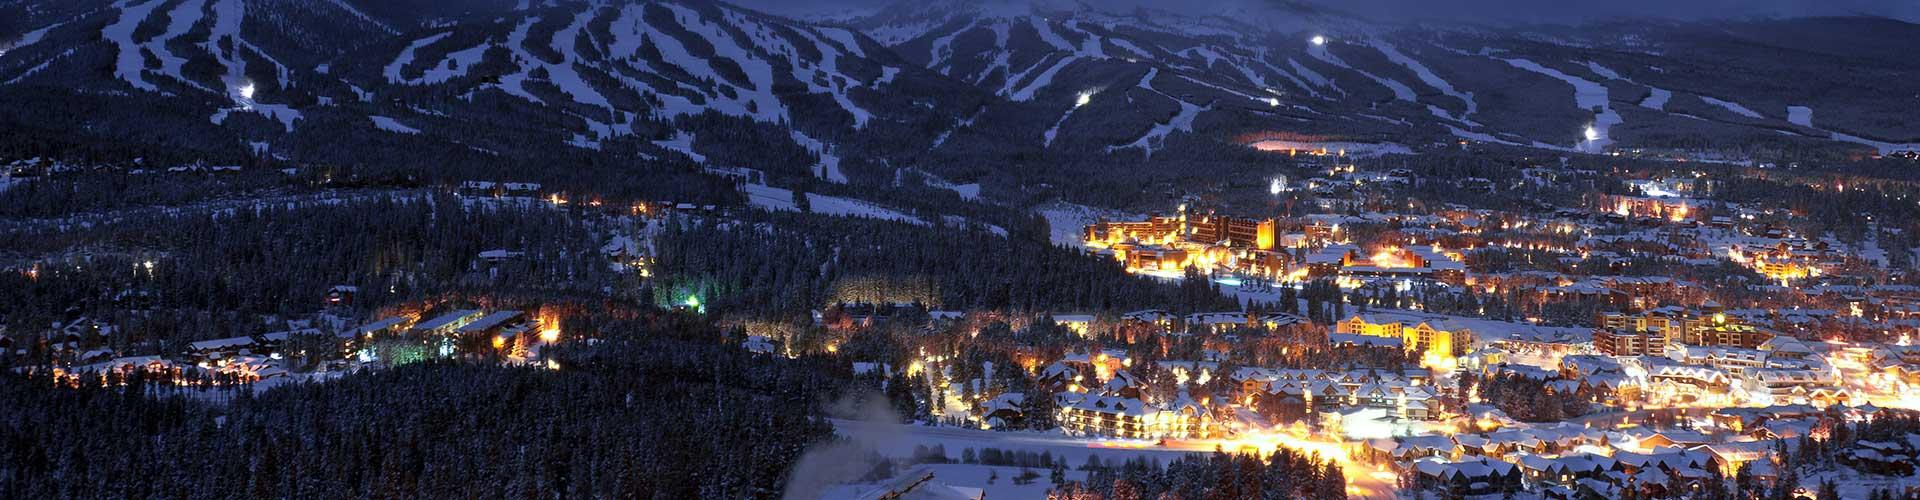 breckenridge lodging lift ticket deals